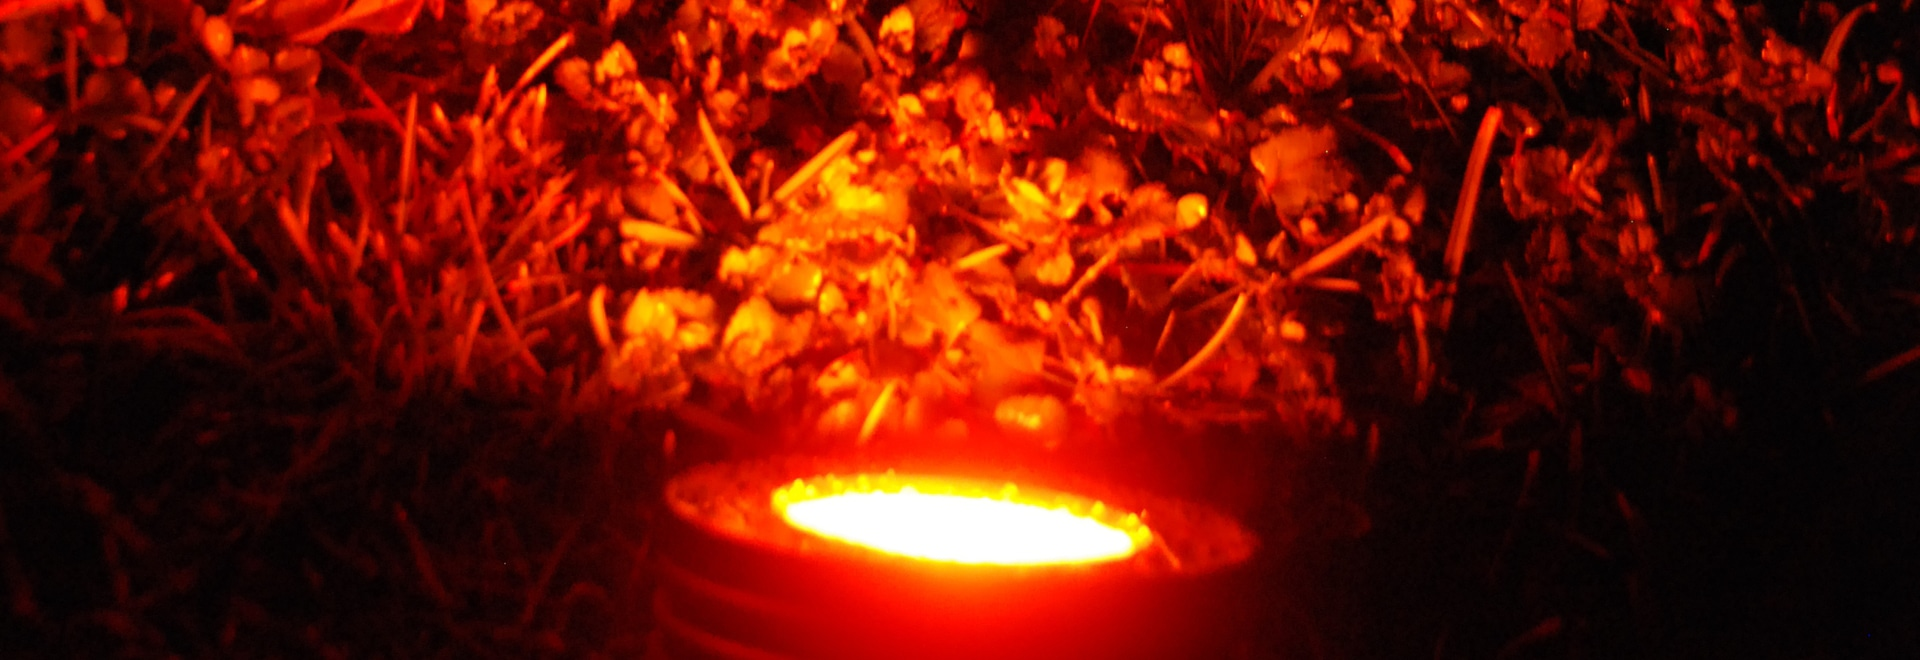 Flood LED Light SOLEA